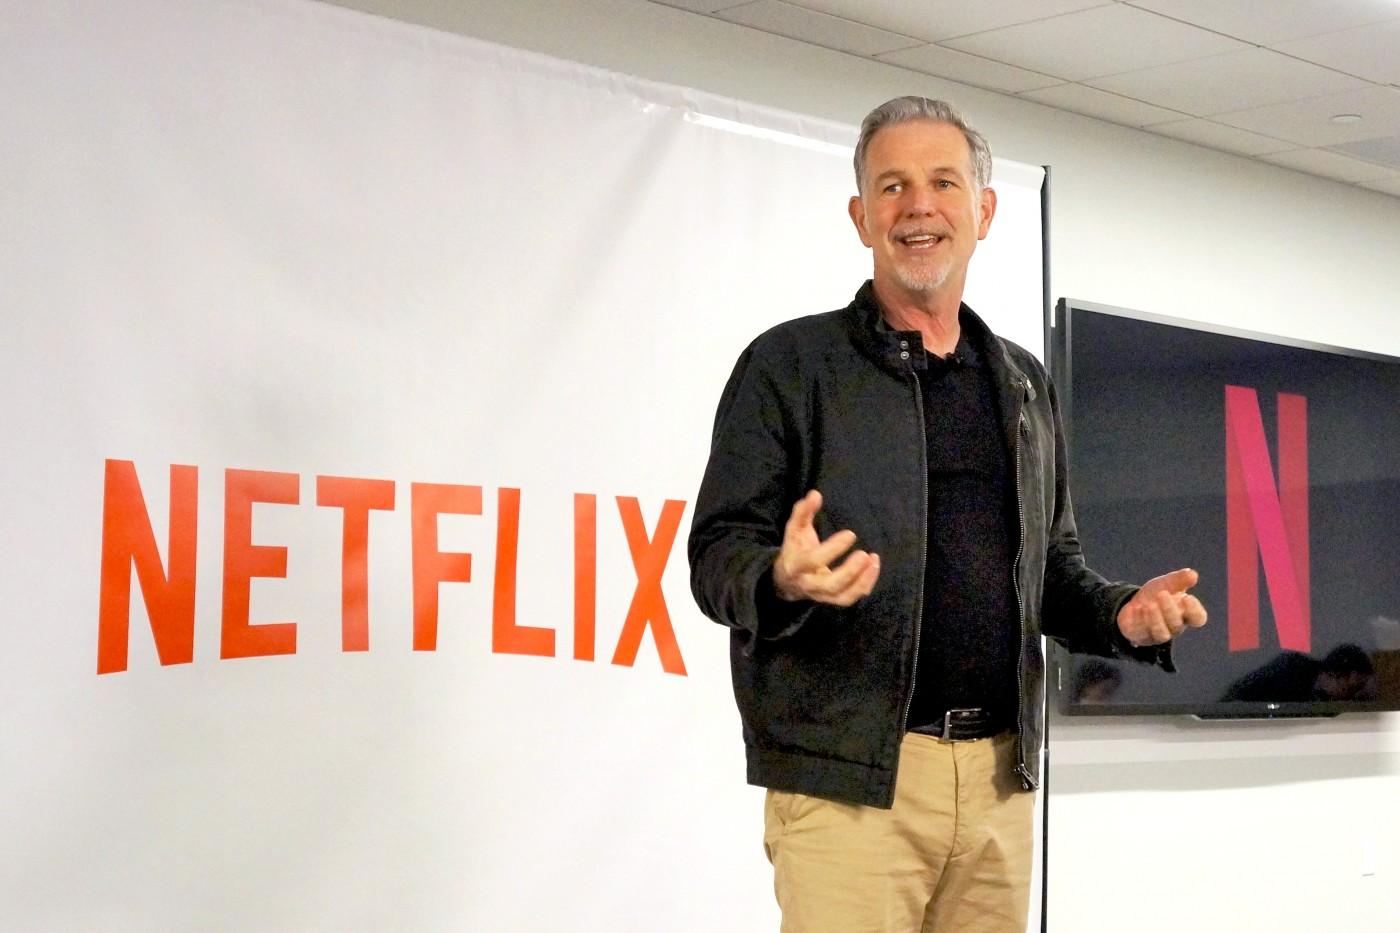 Netflix:追劇不瘋狂,我看故我在